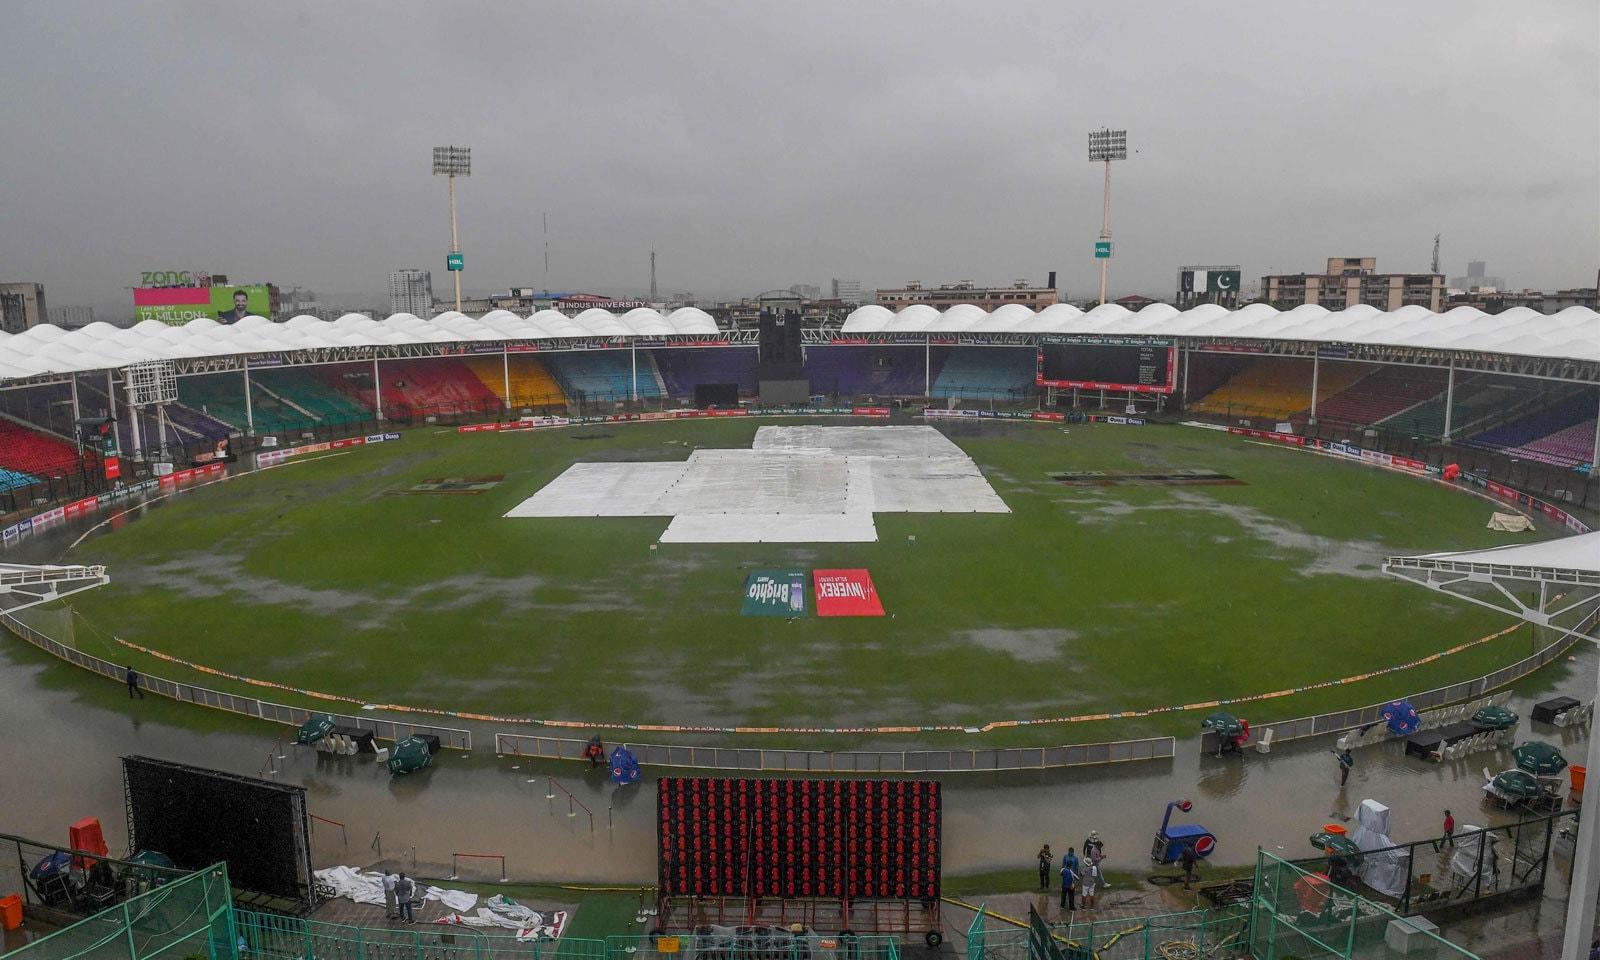 کراچی میں ہونے والی بارش کے بعد نیشنل اسٹیڈیم کا ایک منظر— فوٹو: اے ایف پی